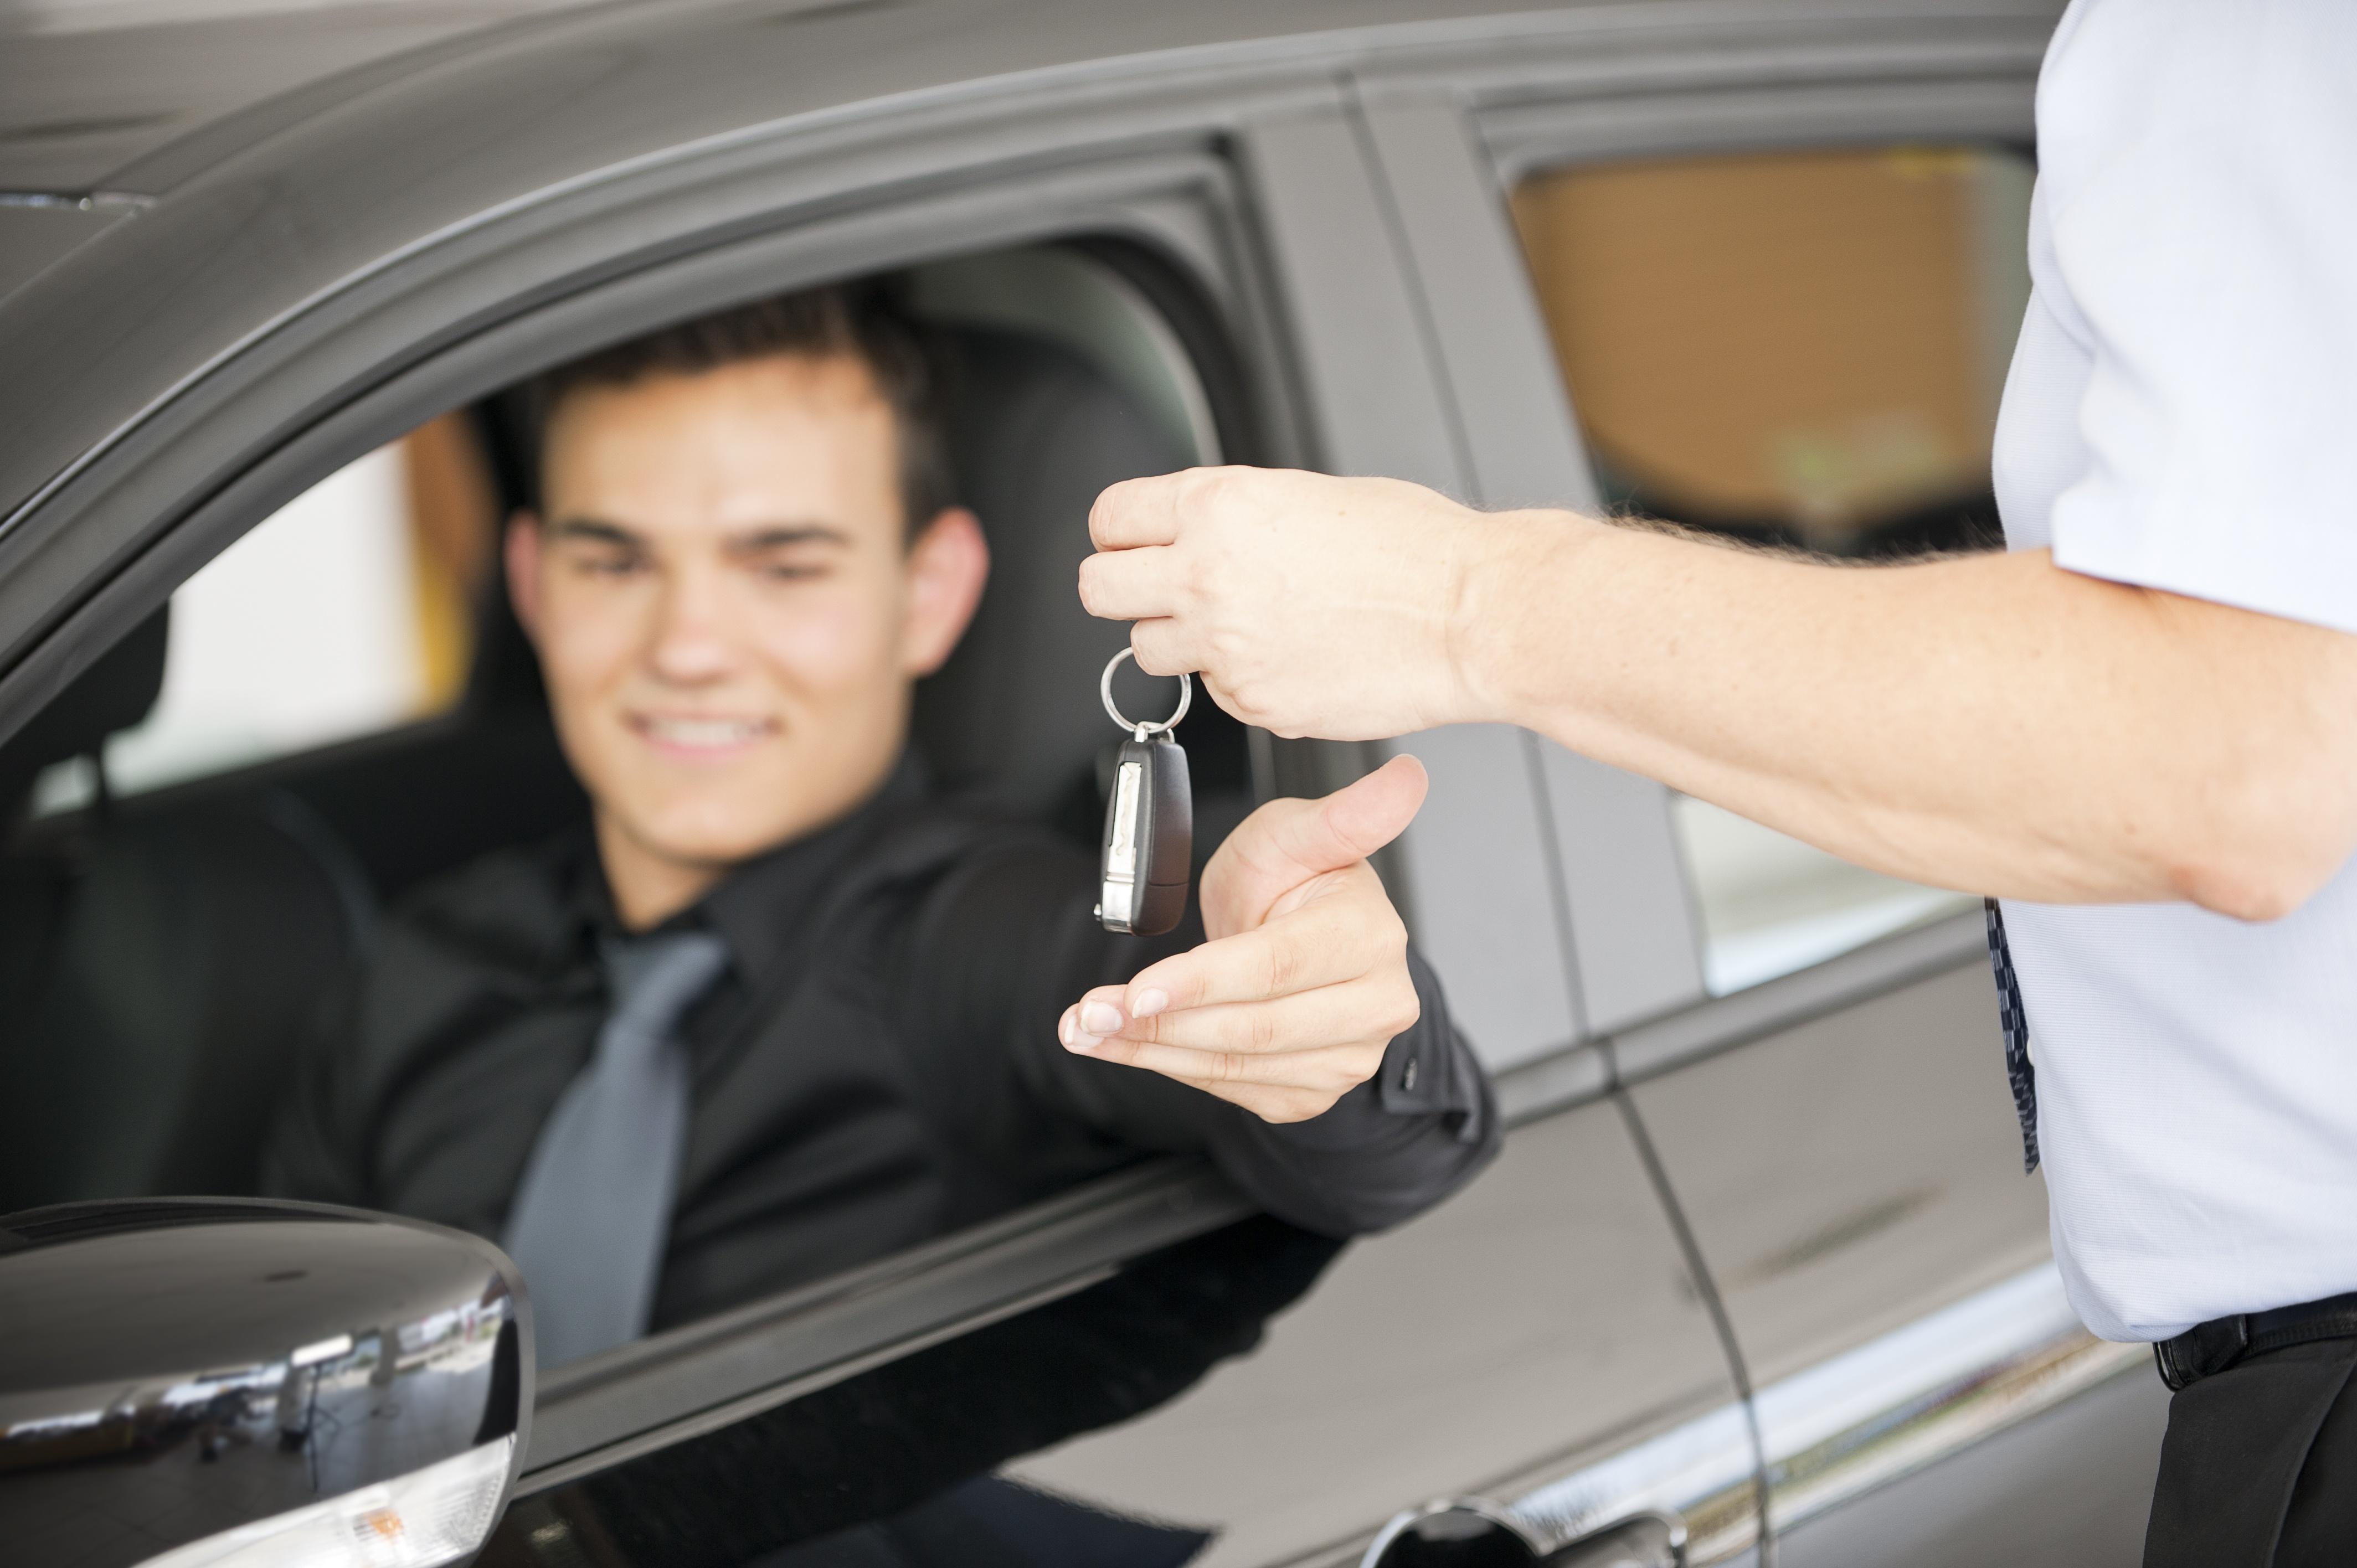 man getting keys to car